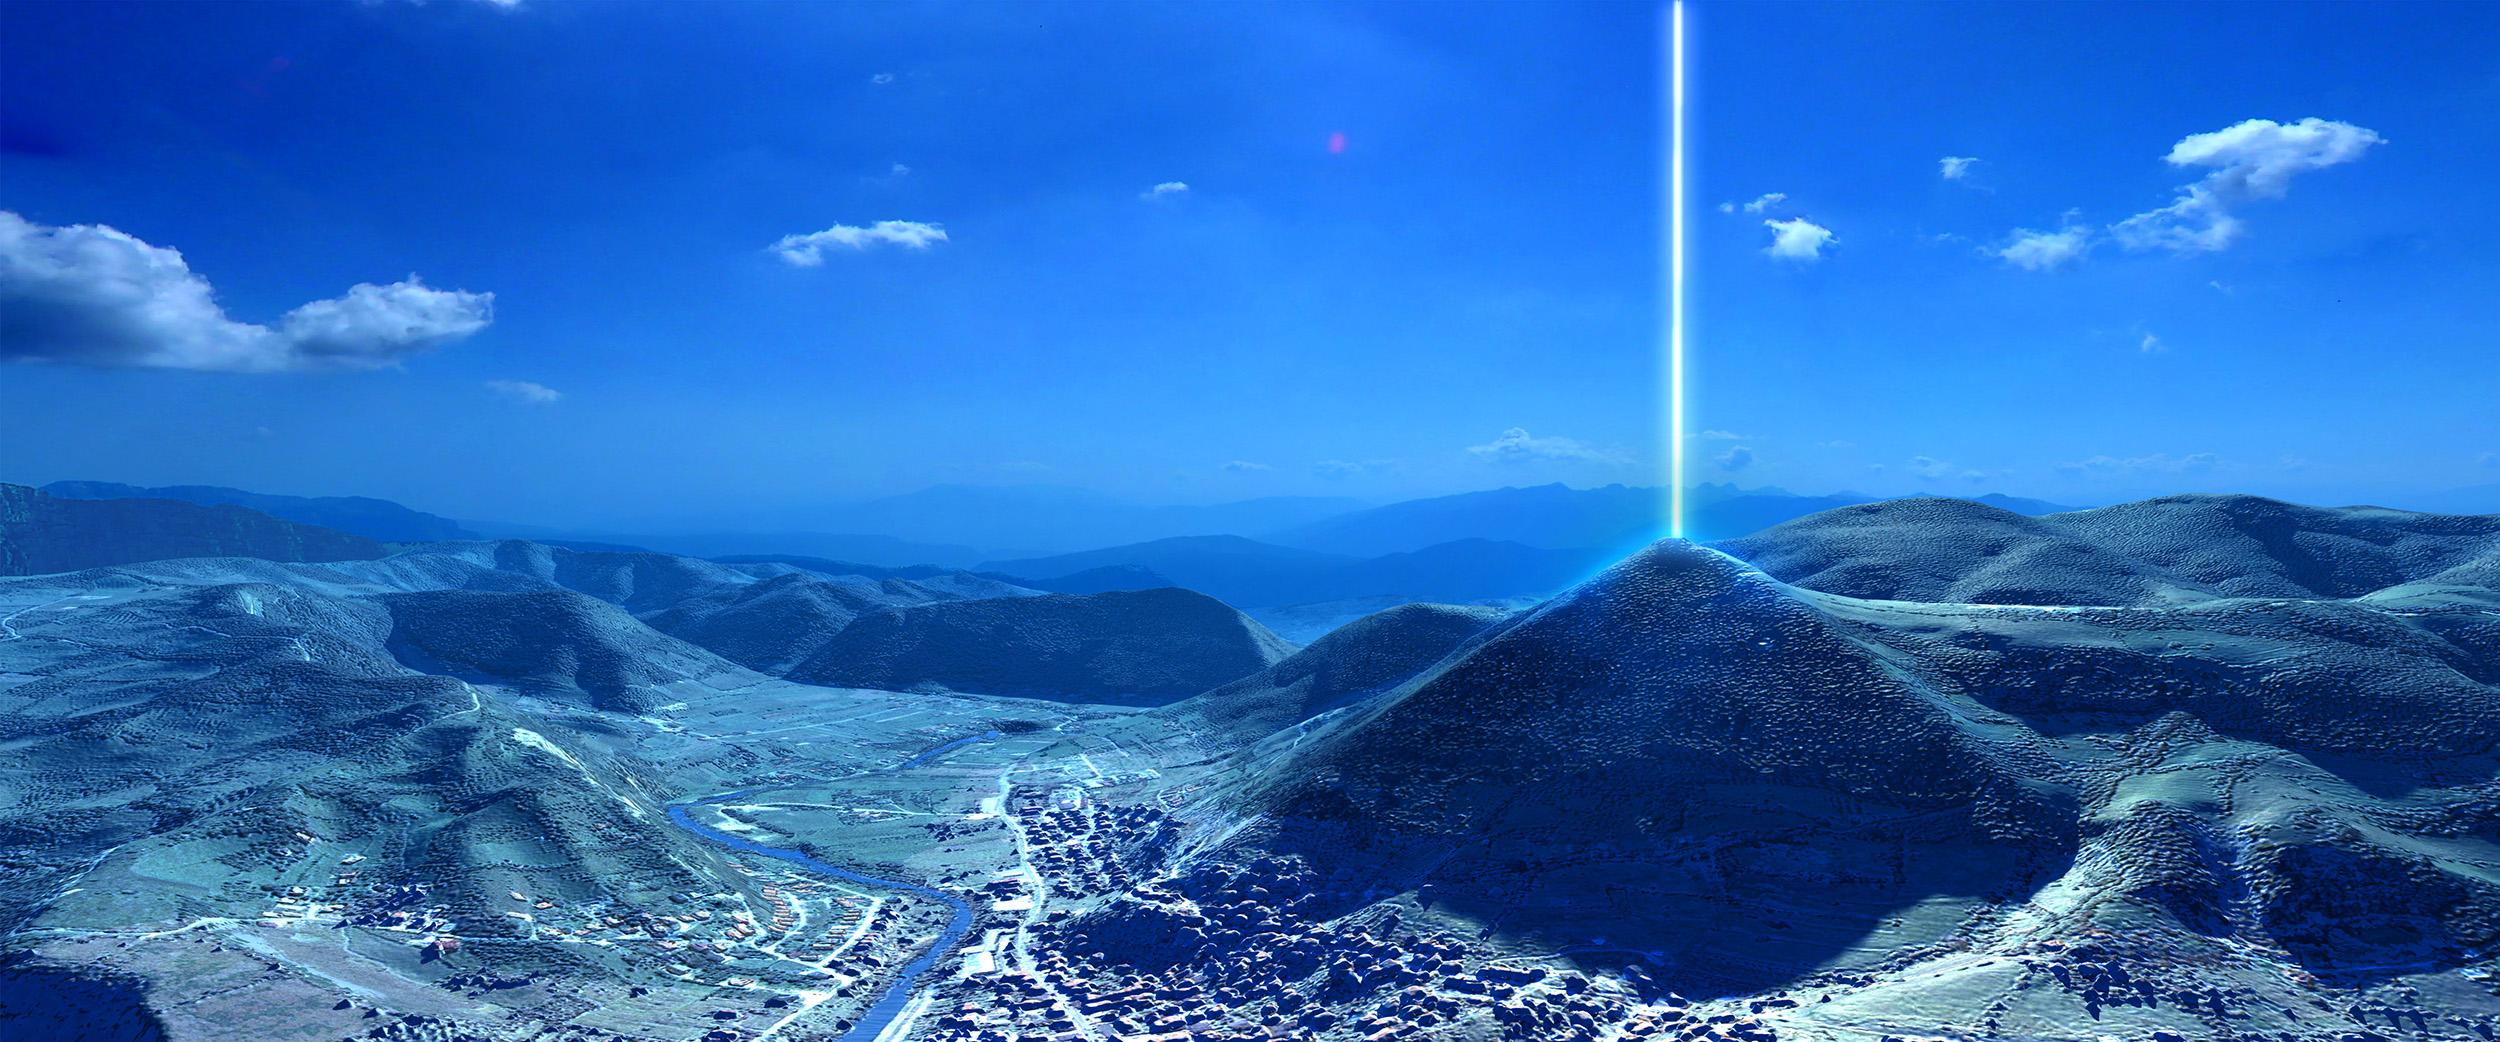 Pyramiden sind Freie-Energie-Maschinen